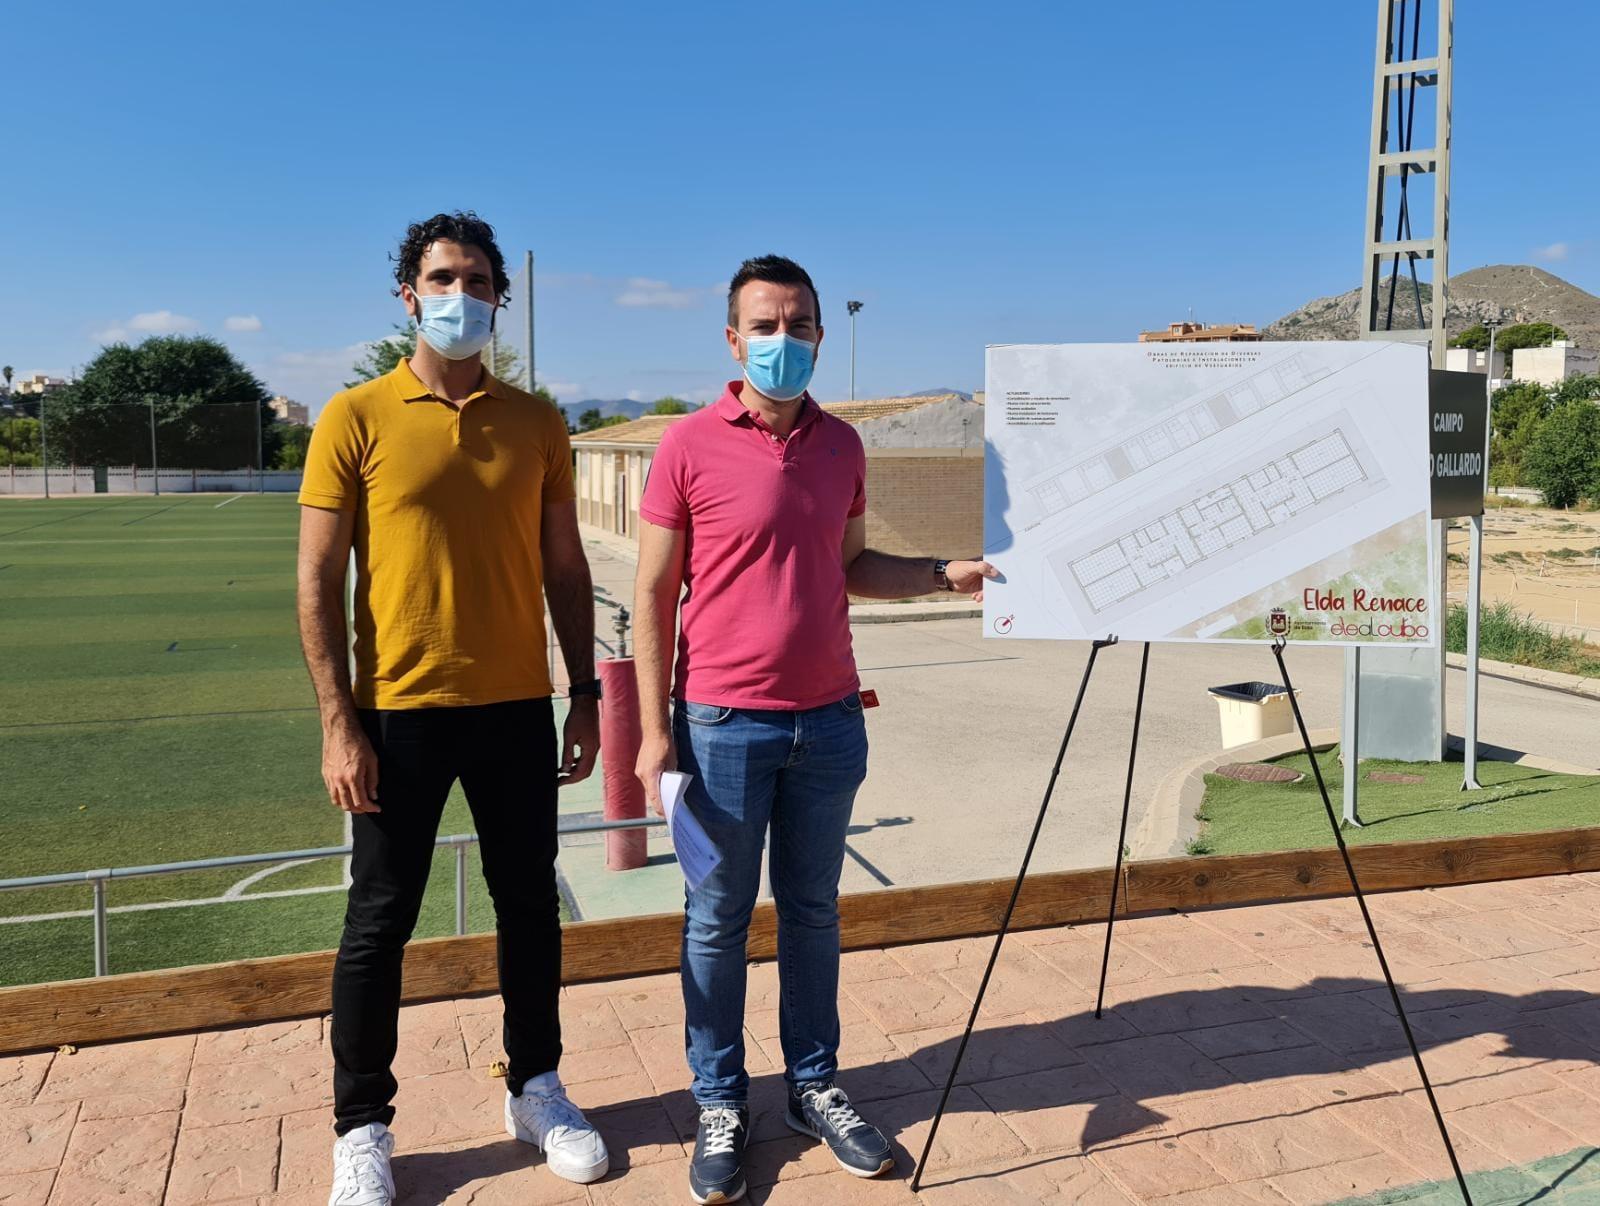 El Ayuntamiento de Elda modernizará los vestuarios de los Campos de la Sismat con una completa renovación que mejorará las condiciones de uso de las instalaciones